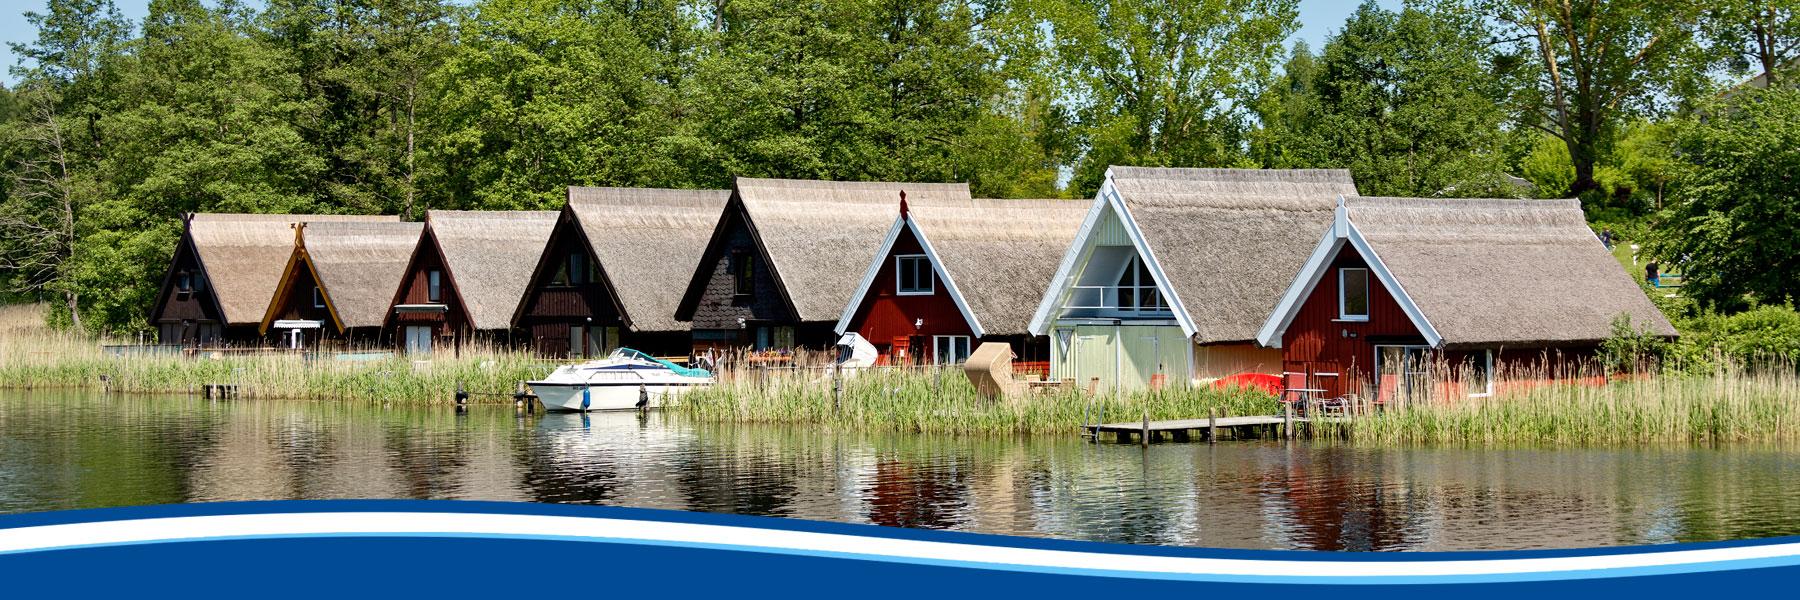 Bootshäuser - Blau Weisse Flotte Müritz & Seen in Malchow